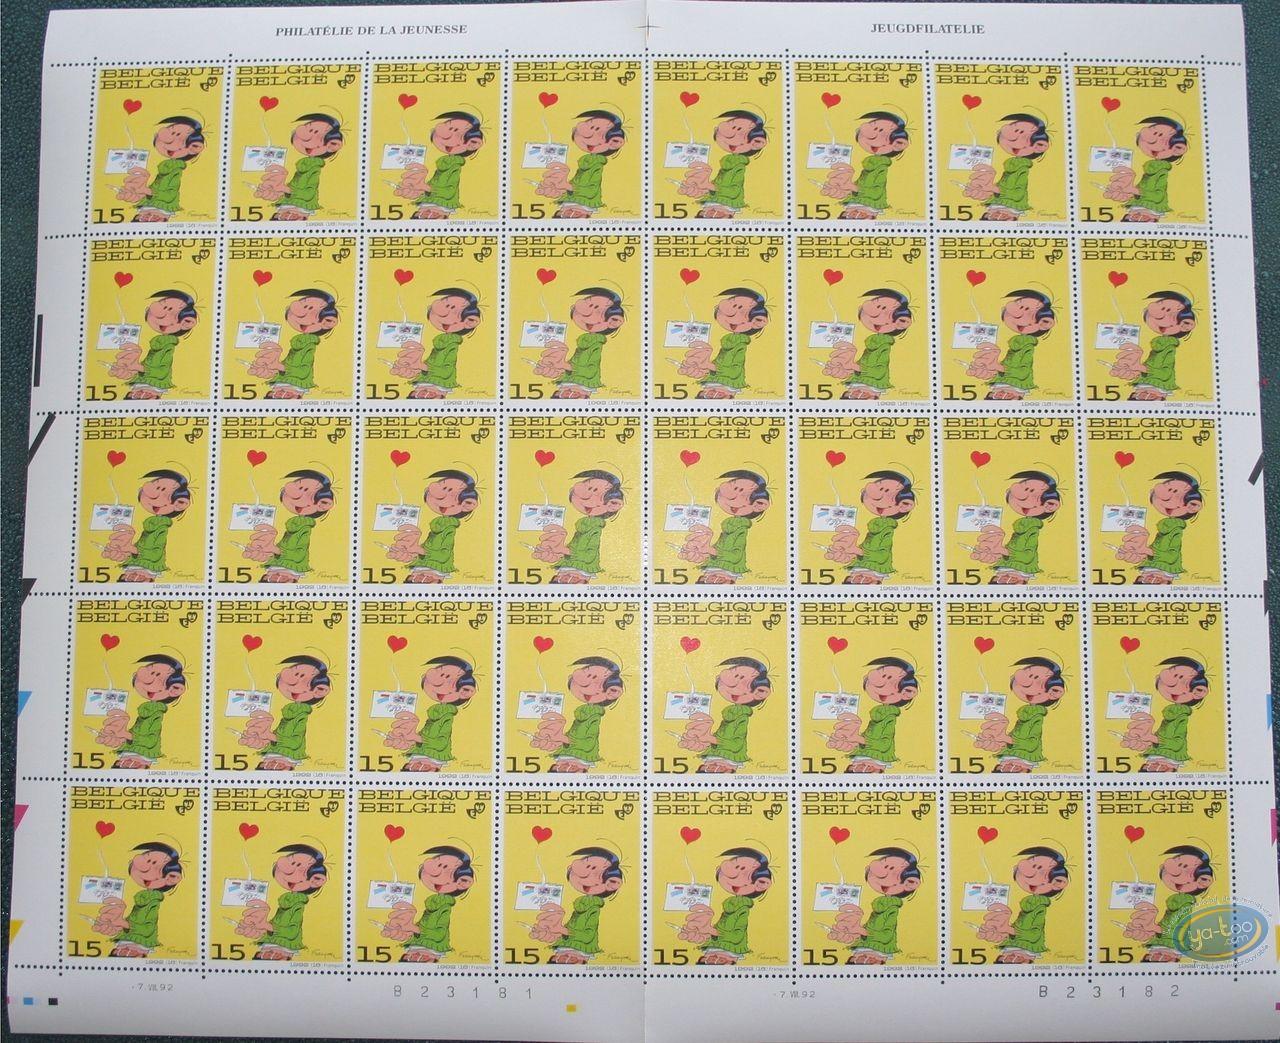 Timbre, Gaston Lagaffe : Planche de 40 timbres, Gaston Lagaffe